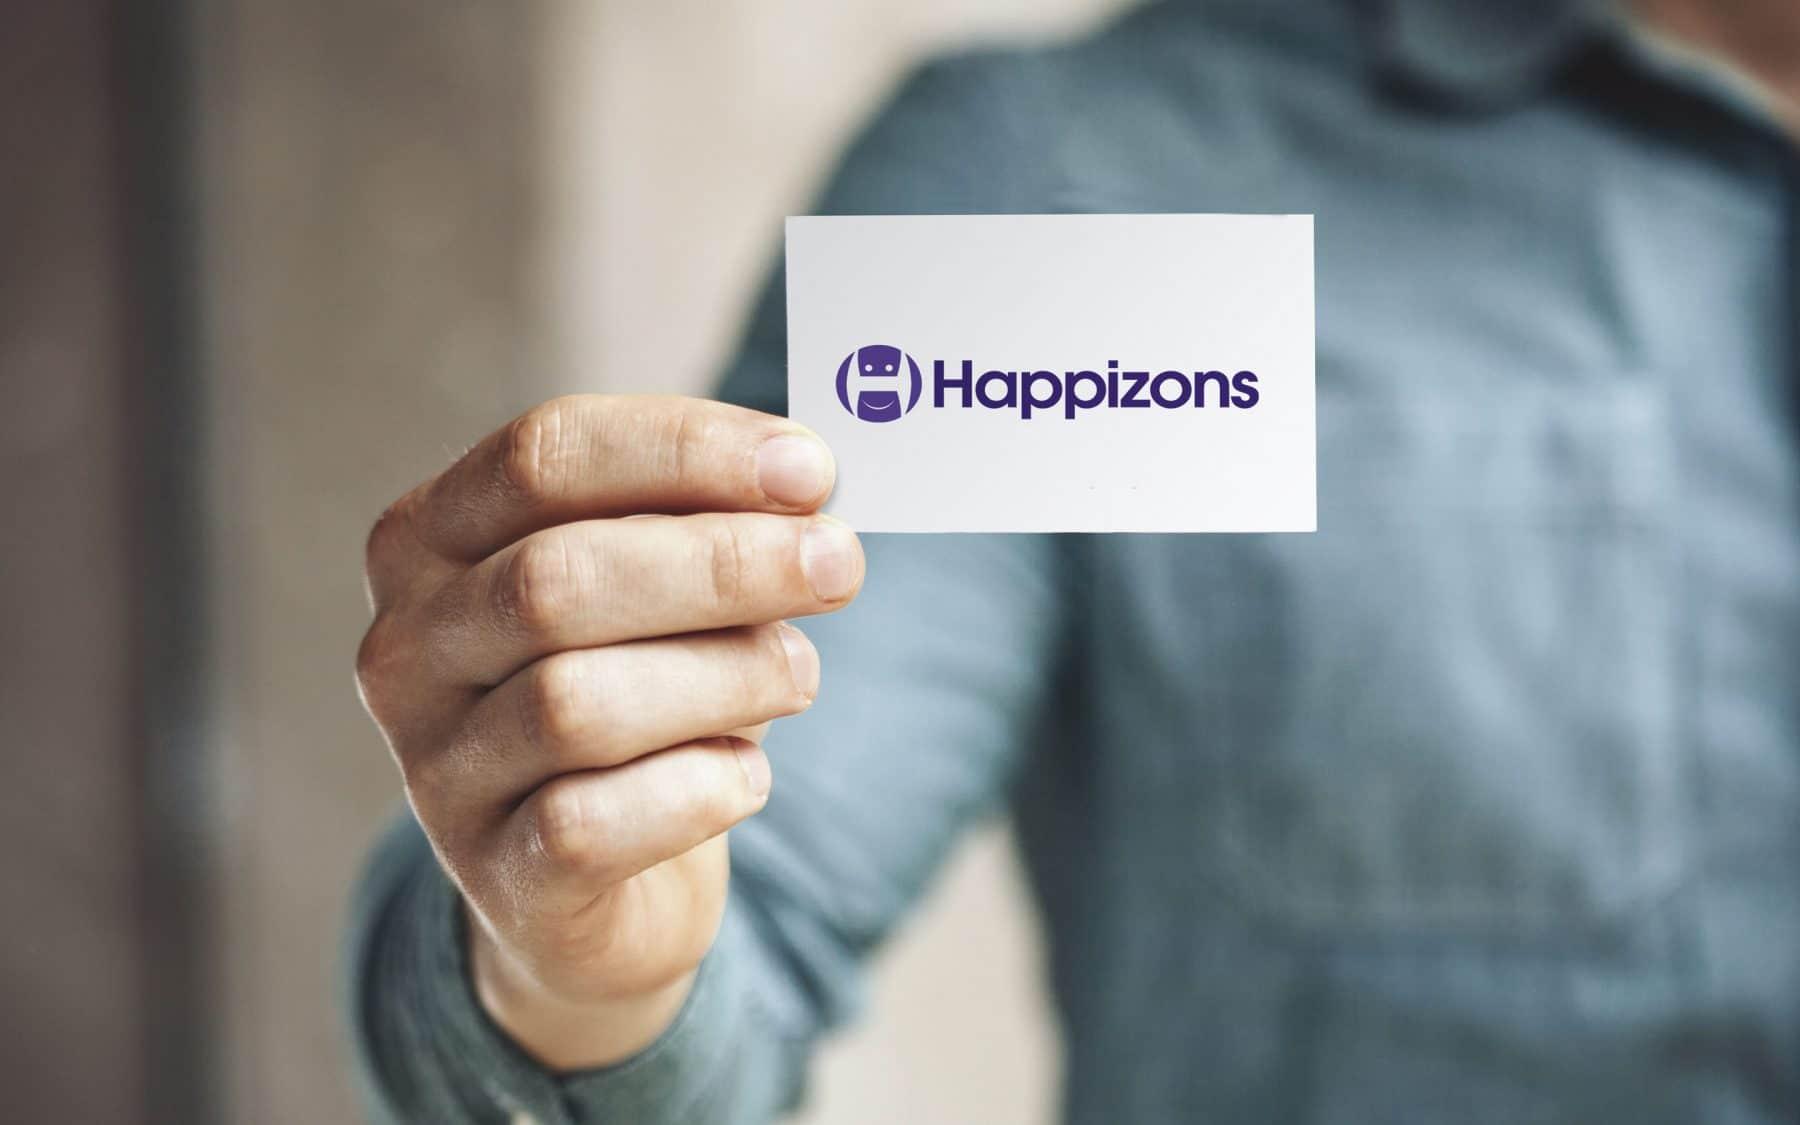 Happizons 1